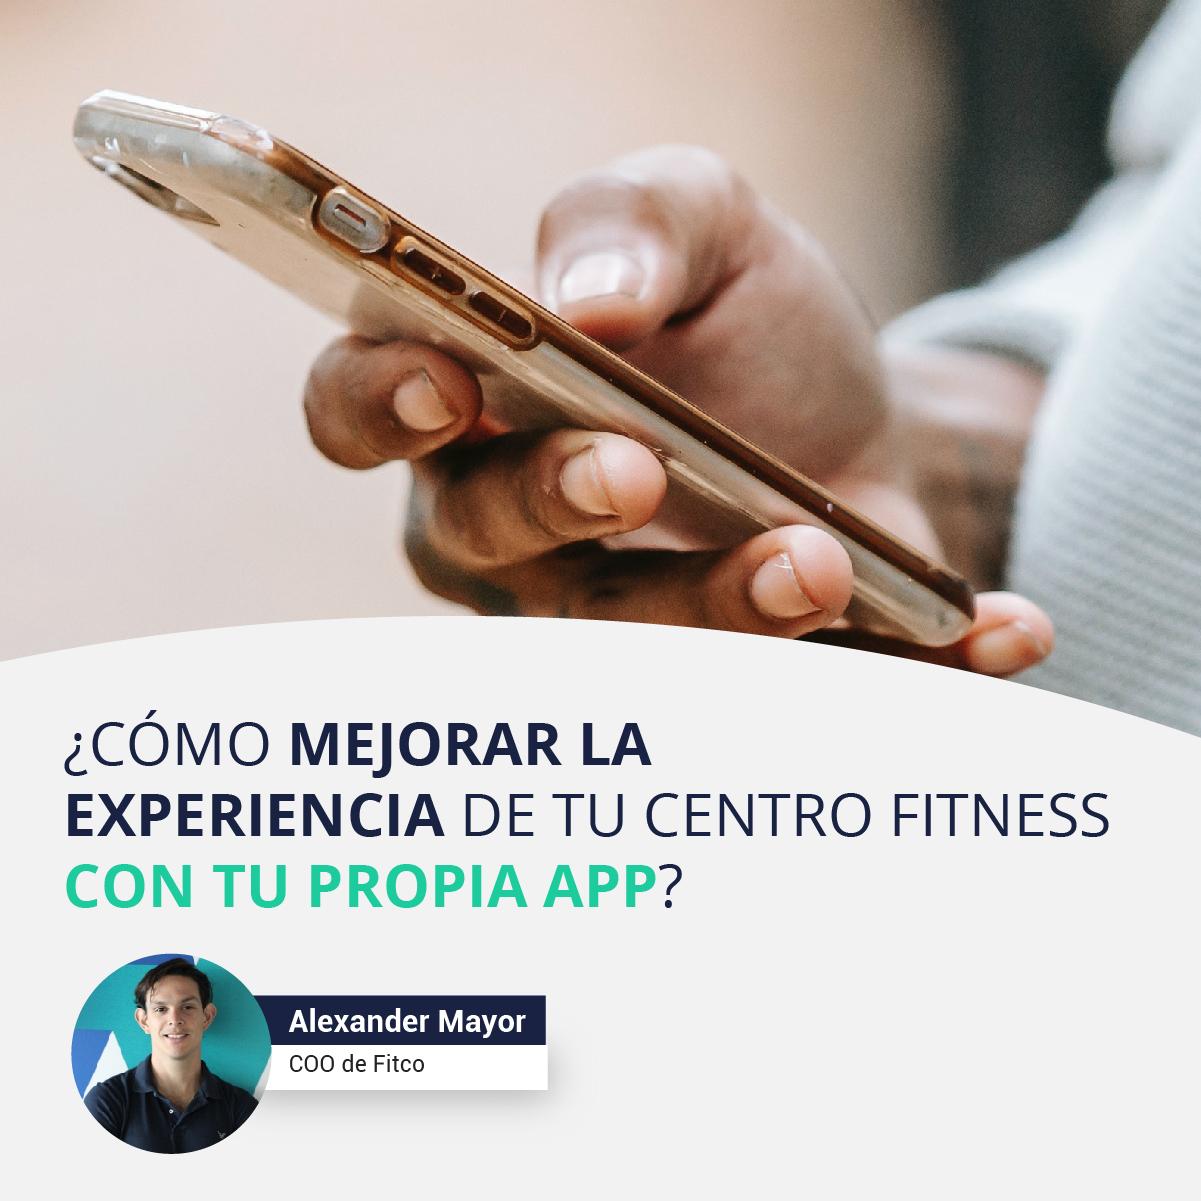 ¿Cómo mejorar la experiencia de tu centro fitness con tu propia app?